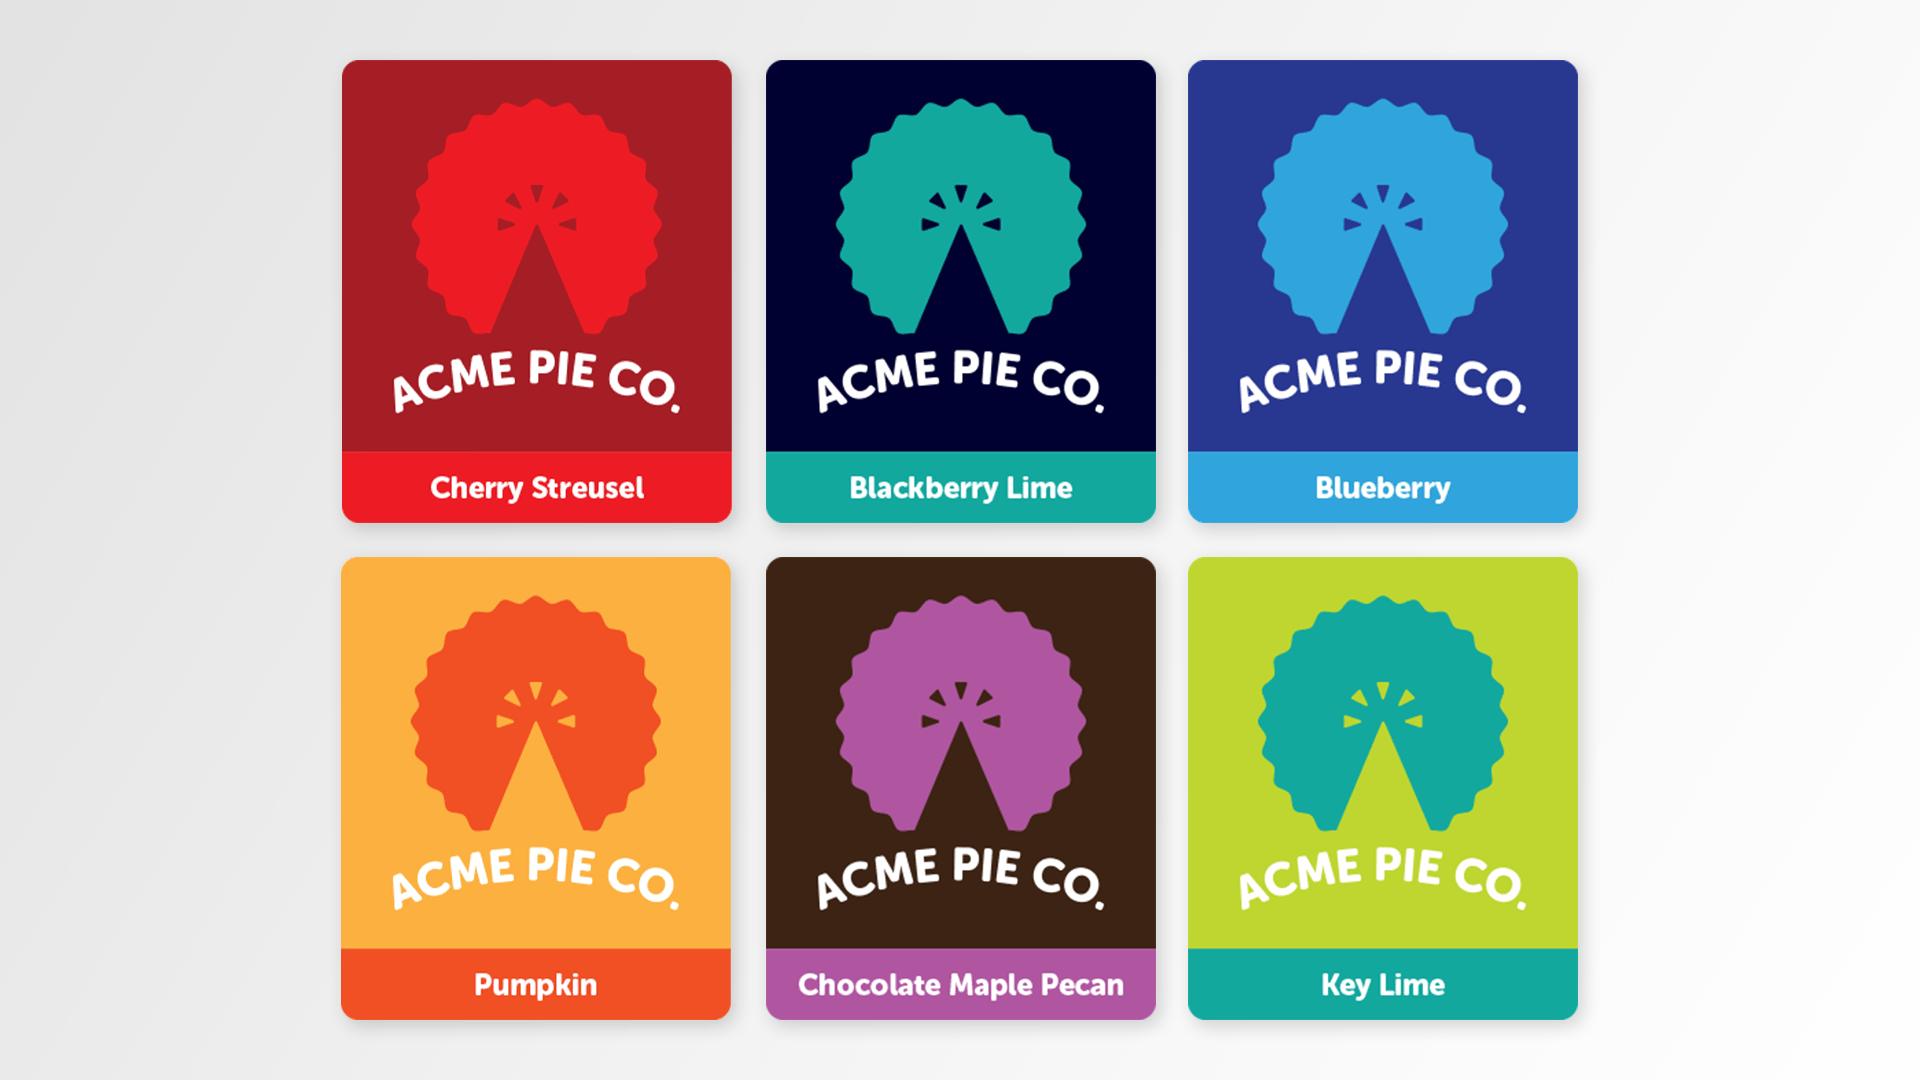 Acme_pie_1920x1080